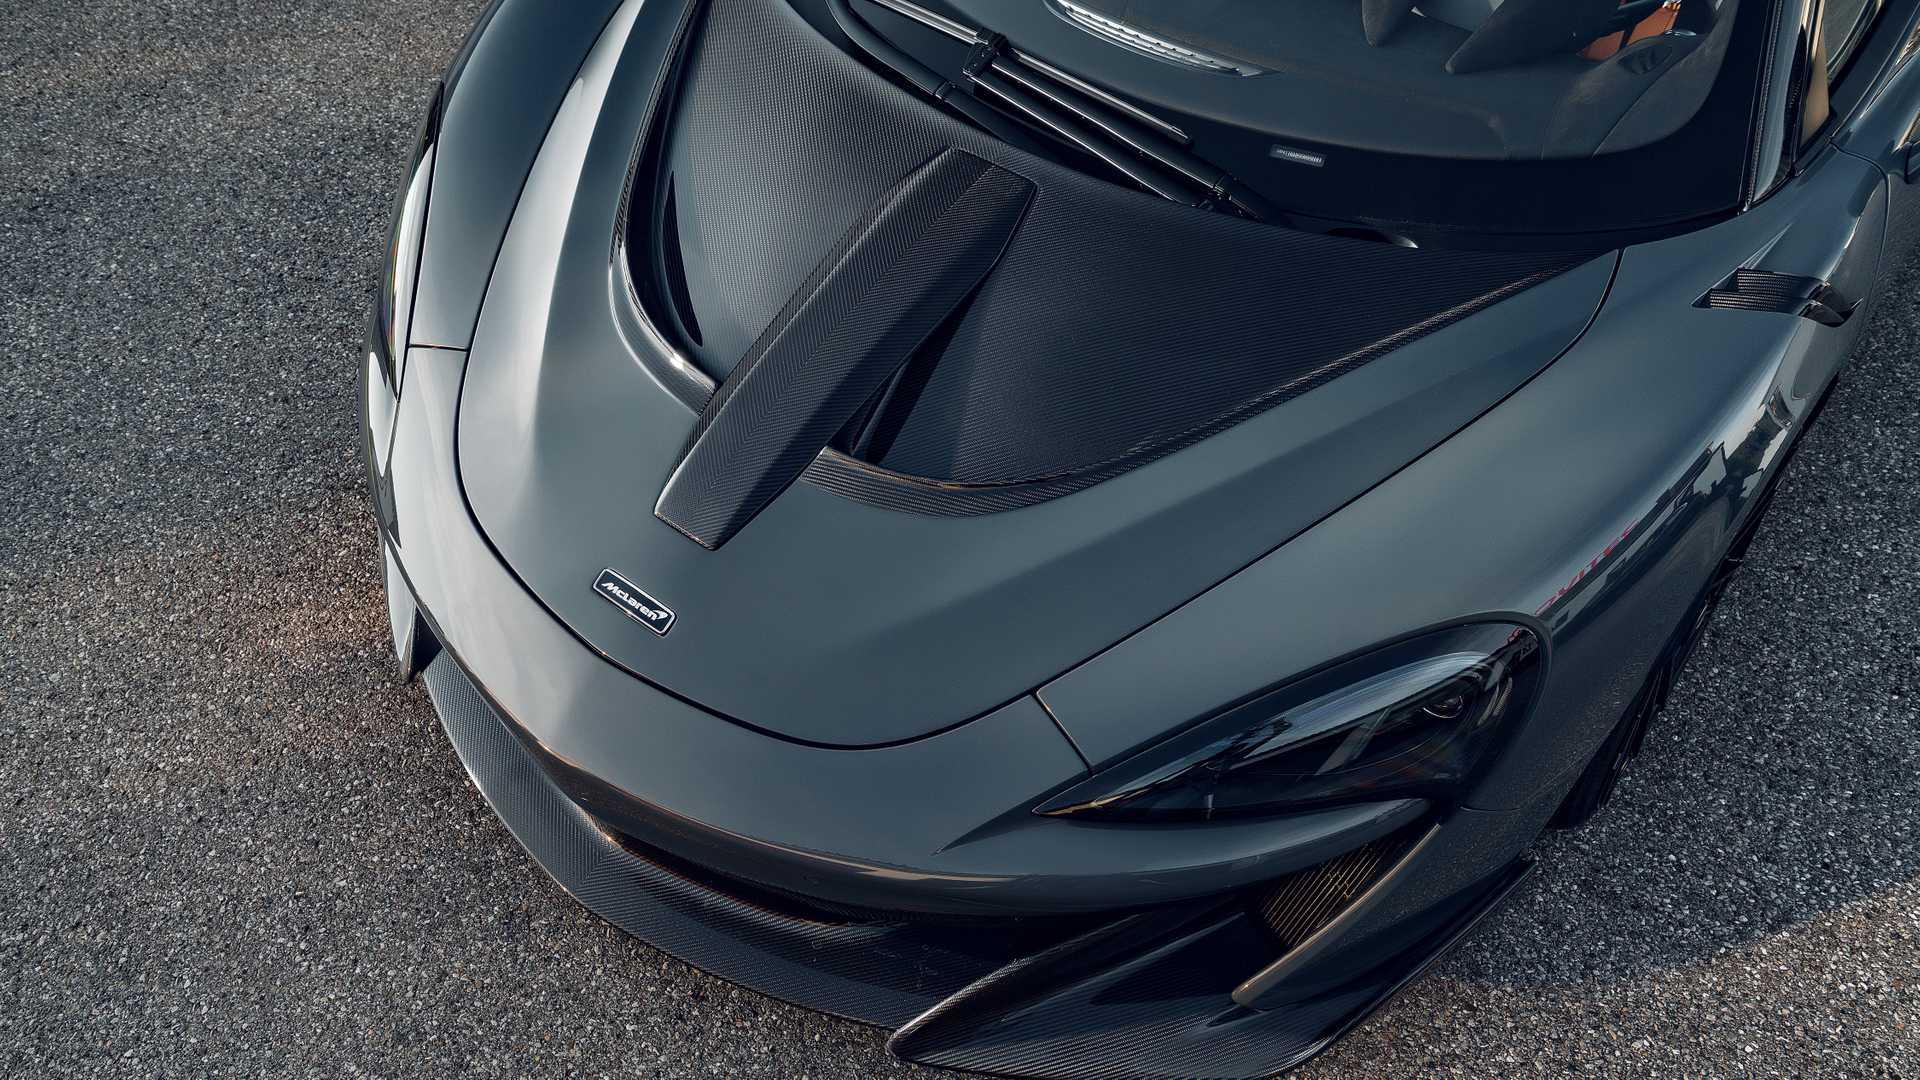 2019 NOVITEC McLaren 600LT Detail Wallpapers (10)